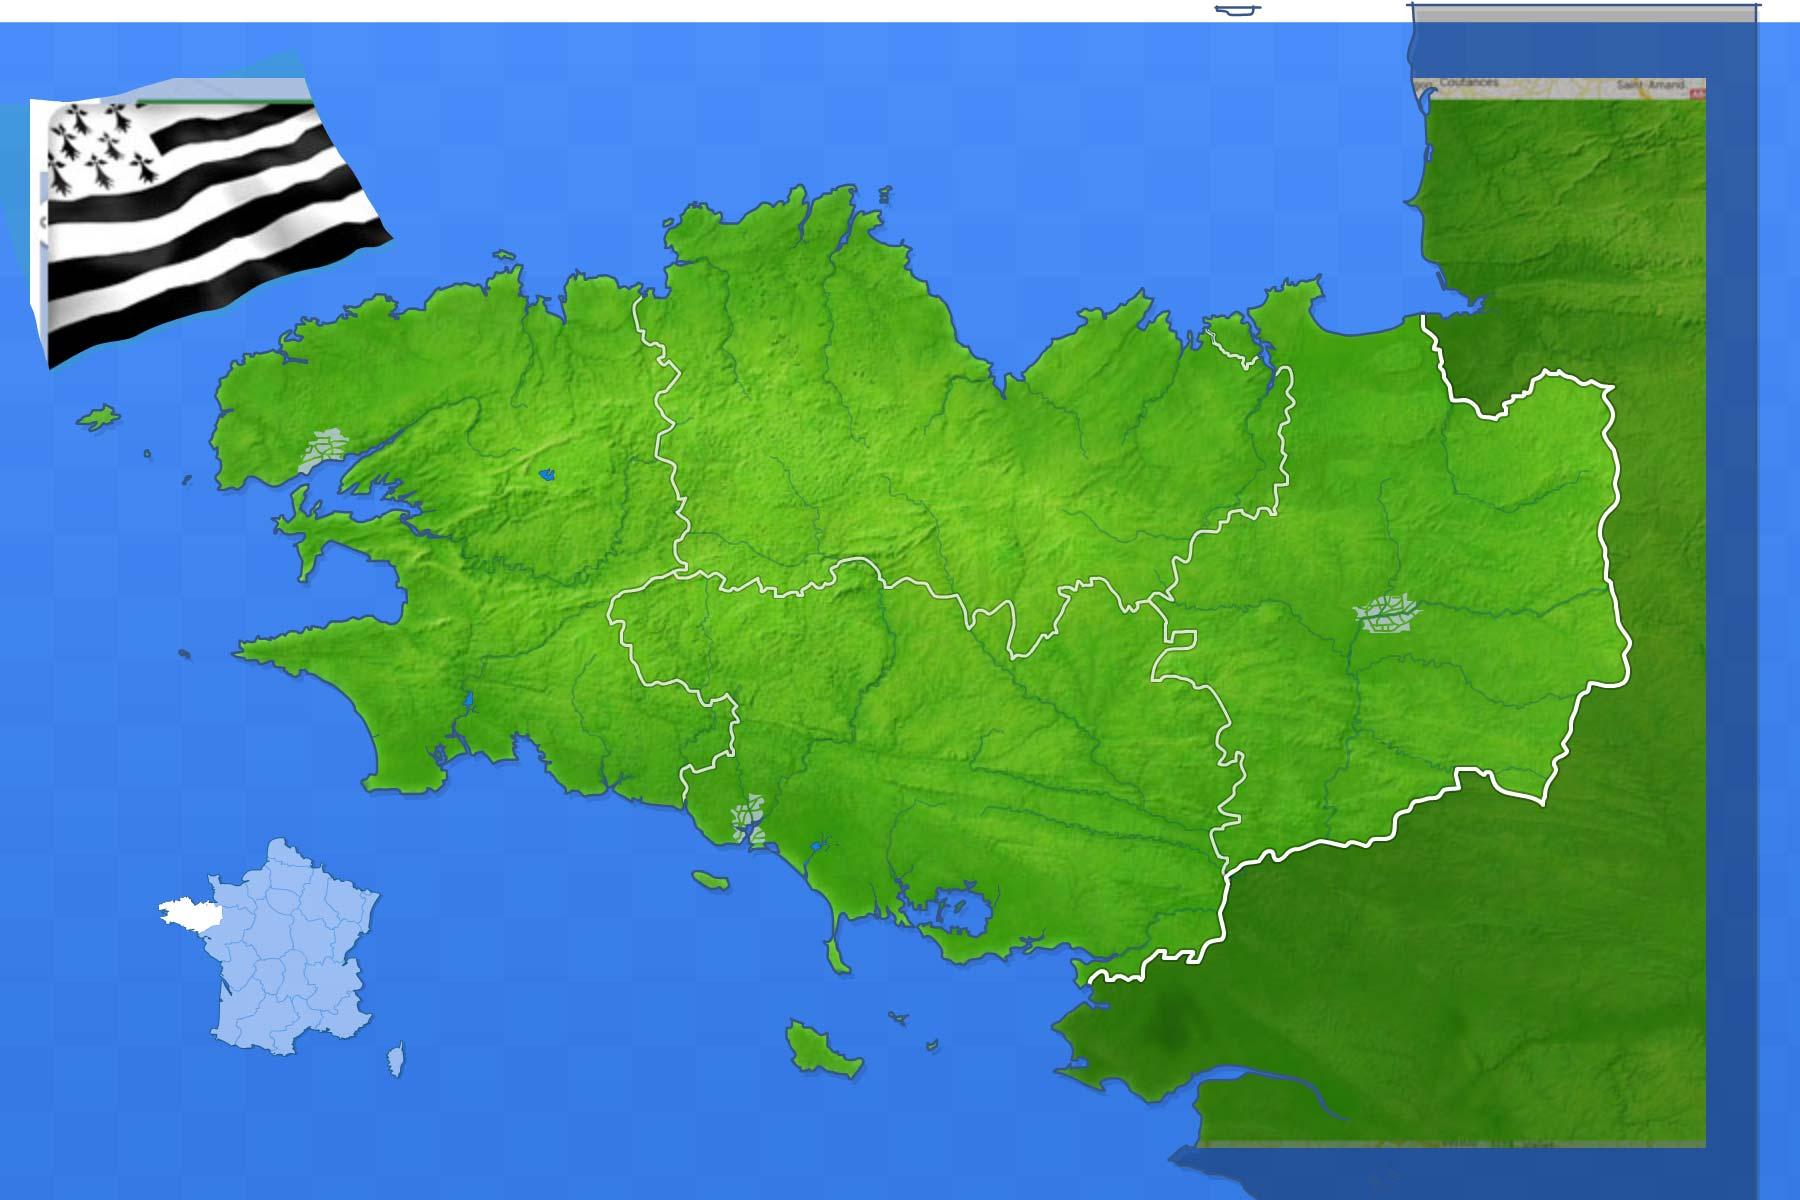 Jeux-Geographiques Jeux Gratuits Villes De Bretagne pour Jeux Geographique